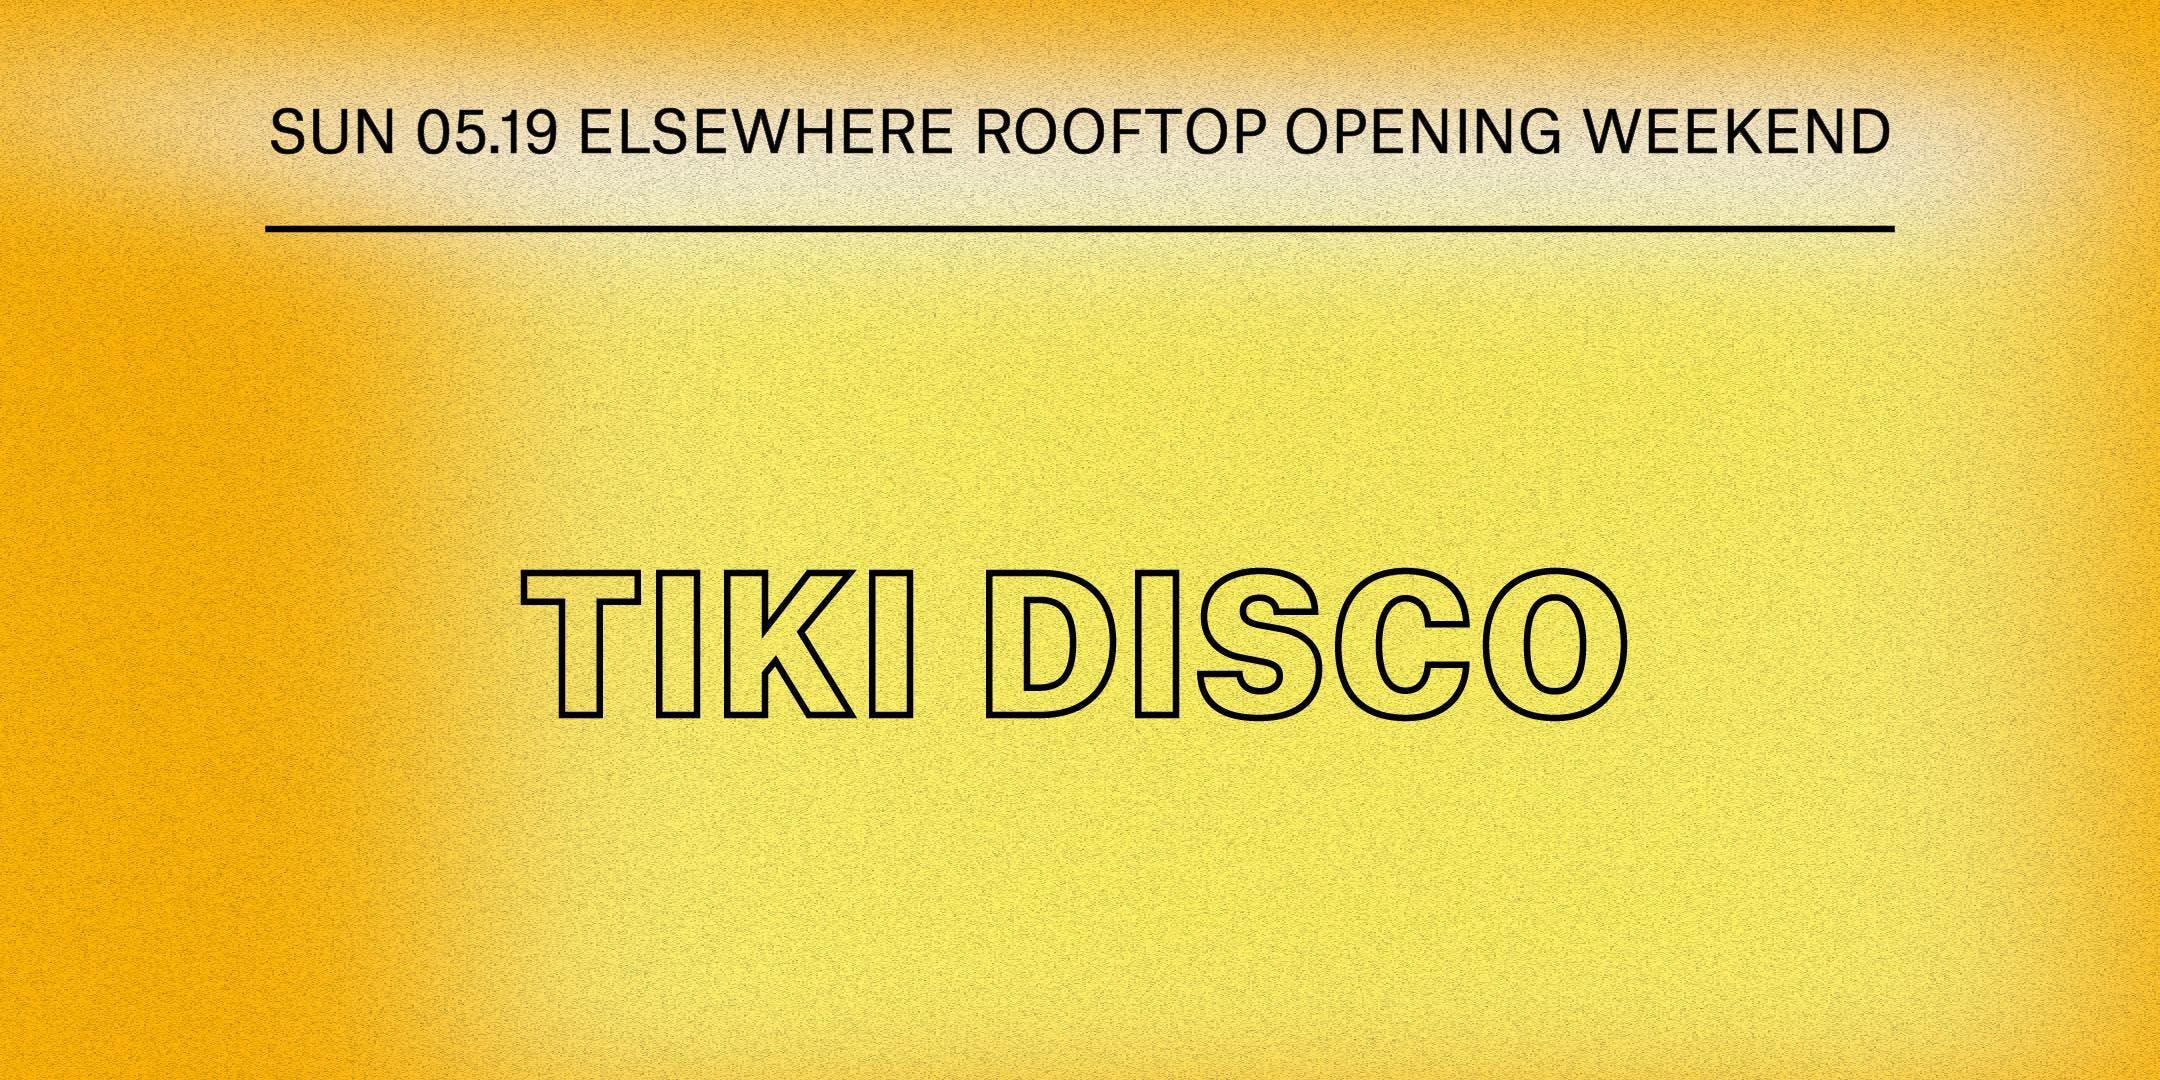 Tiki Disco: Elsewhere Rooftop Opening Weekend